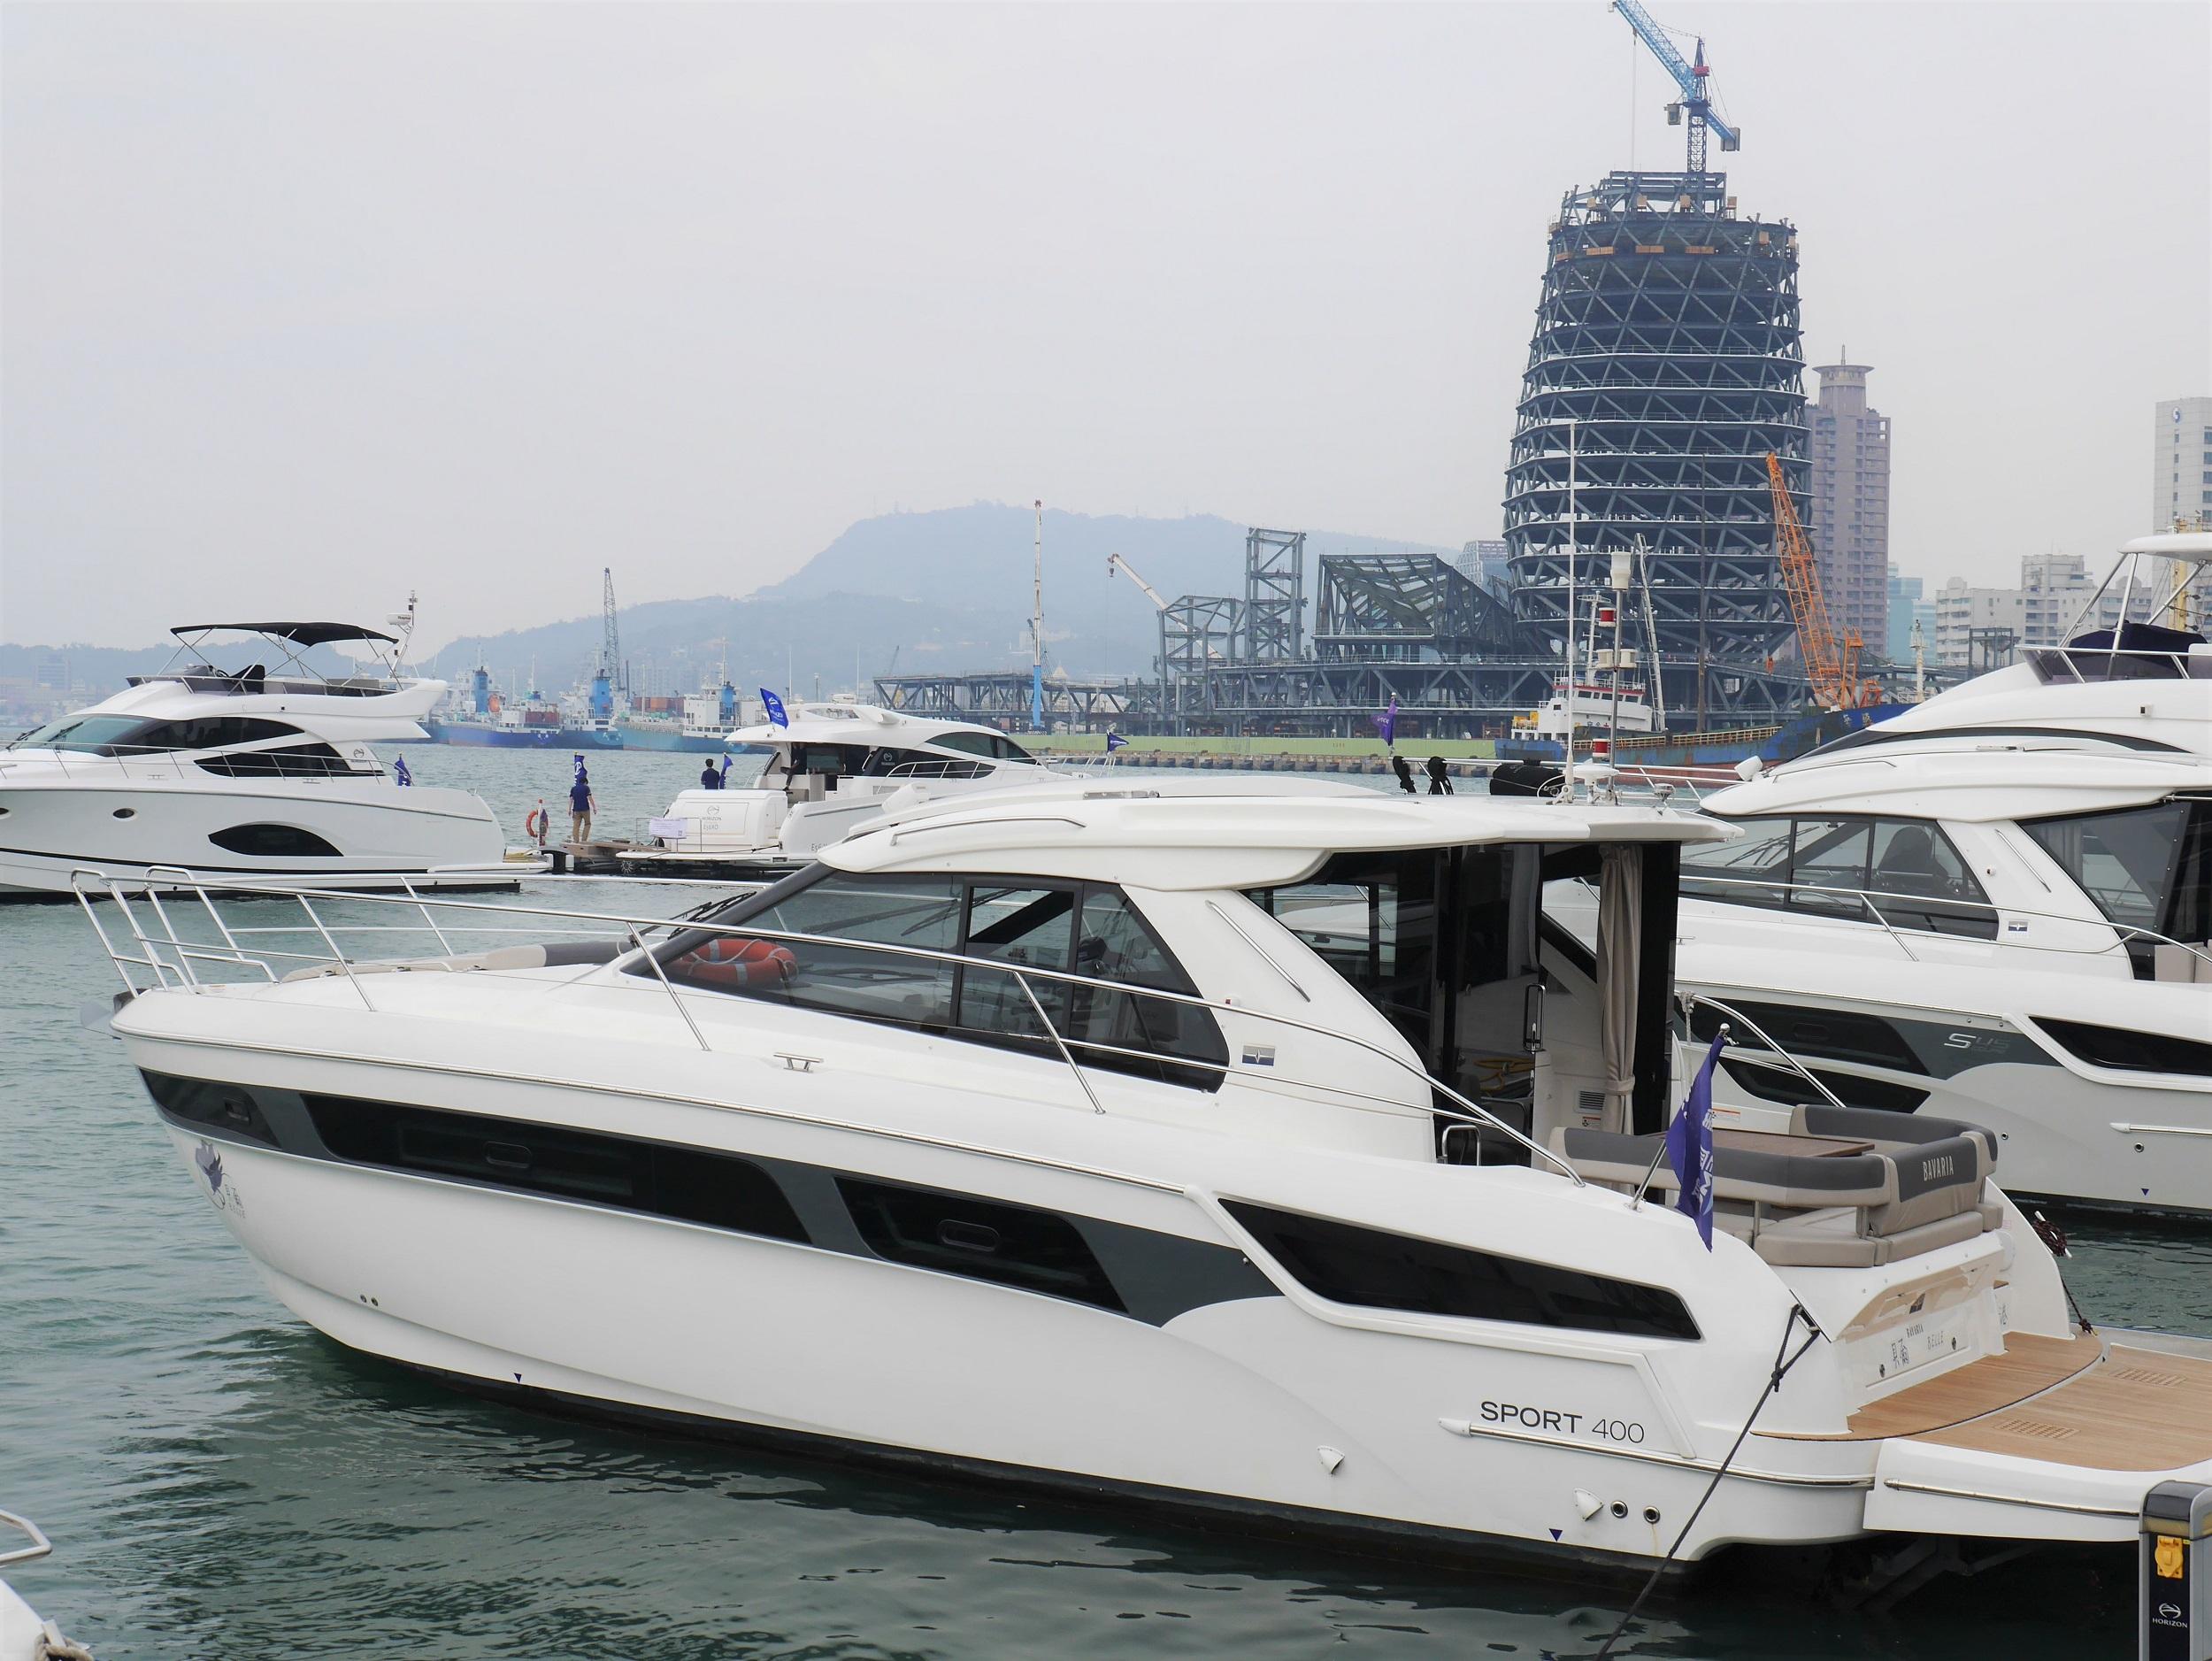 亞洲最大國際遊艇展登場 65艘頂級遊艇開航 - 高雄展覽館